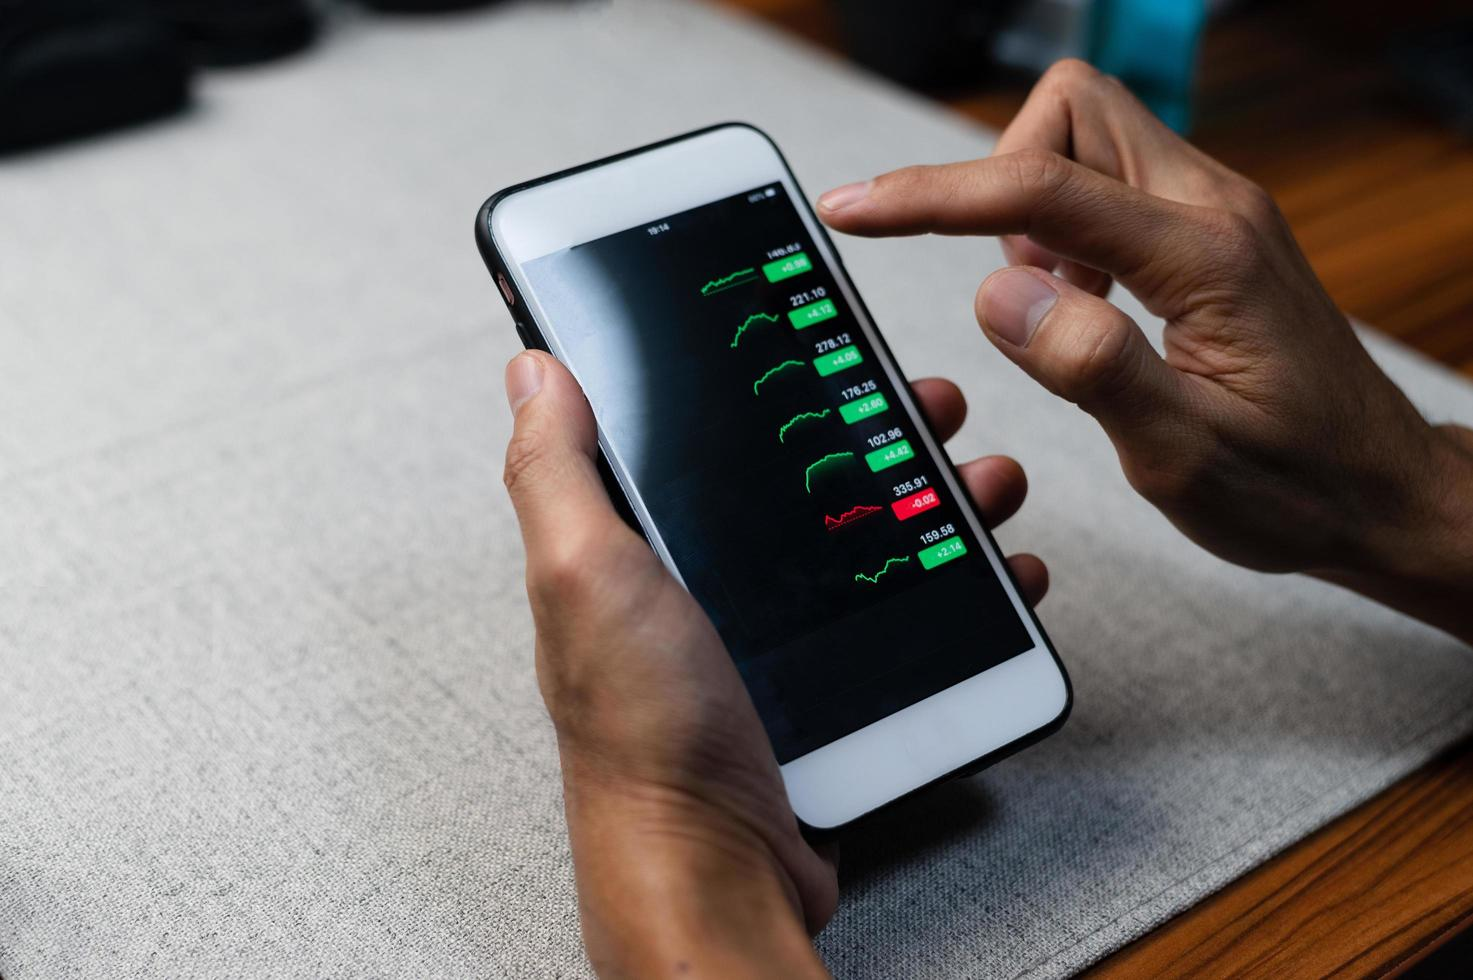 grafico commercio forex investimento aziendale sullo schermo del telefono cellulare foto